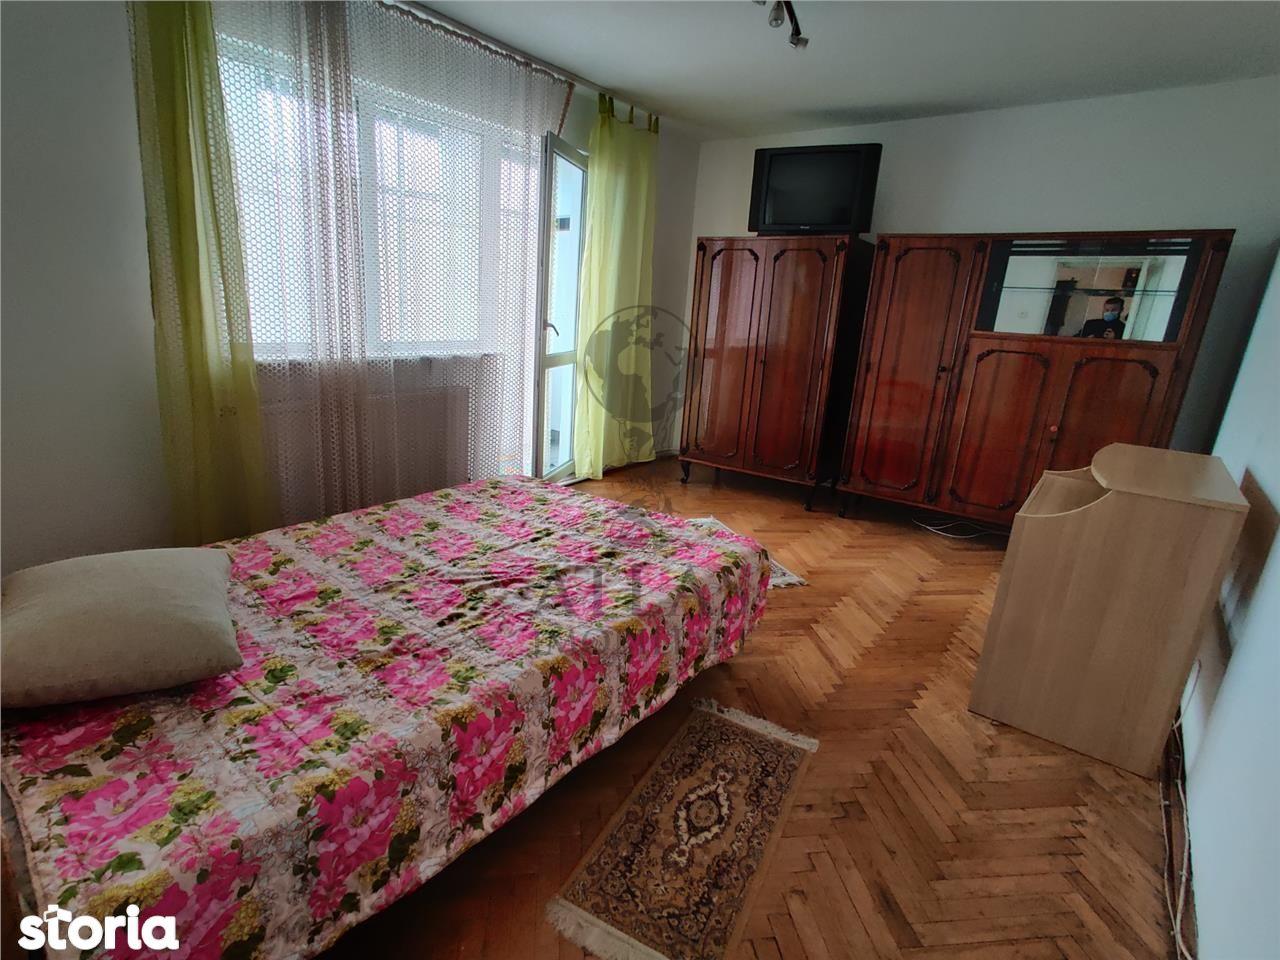 Apartament 2 camere plus loc de parcare. Manastur.